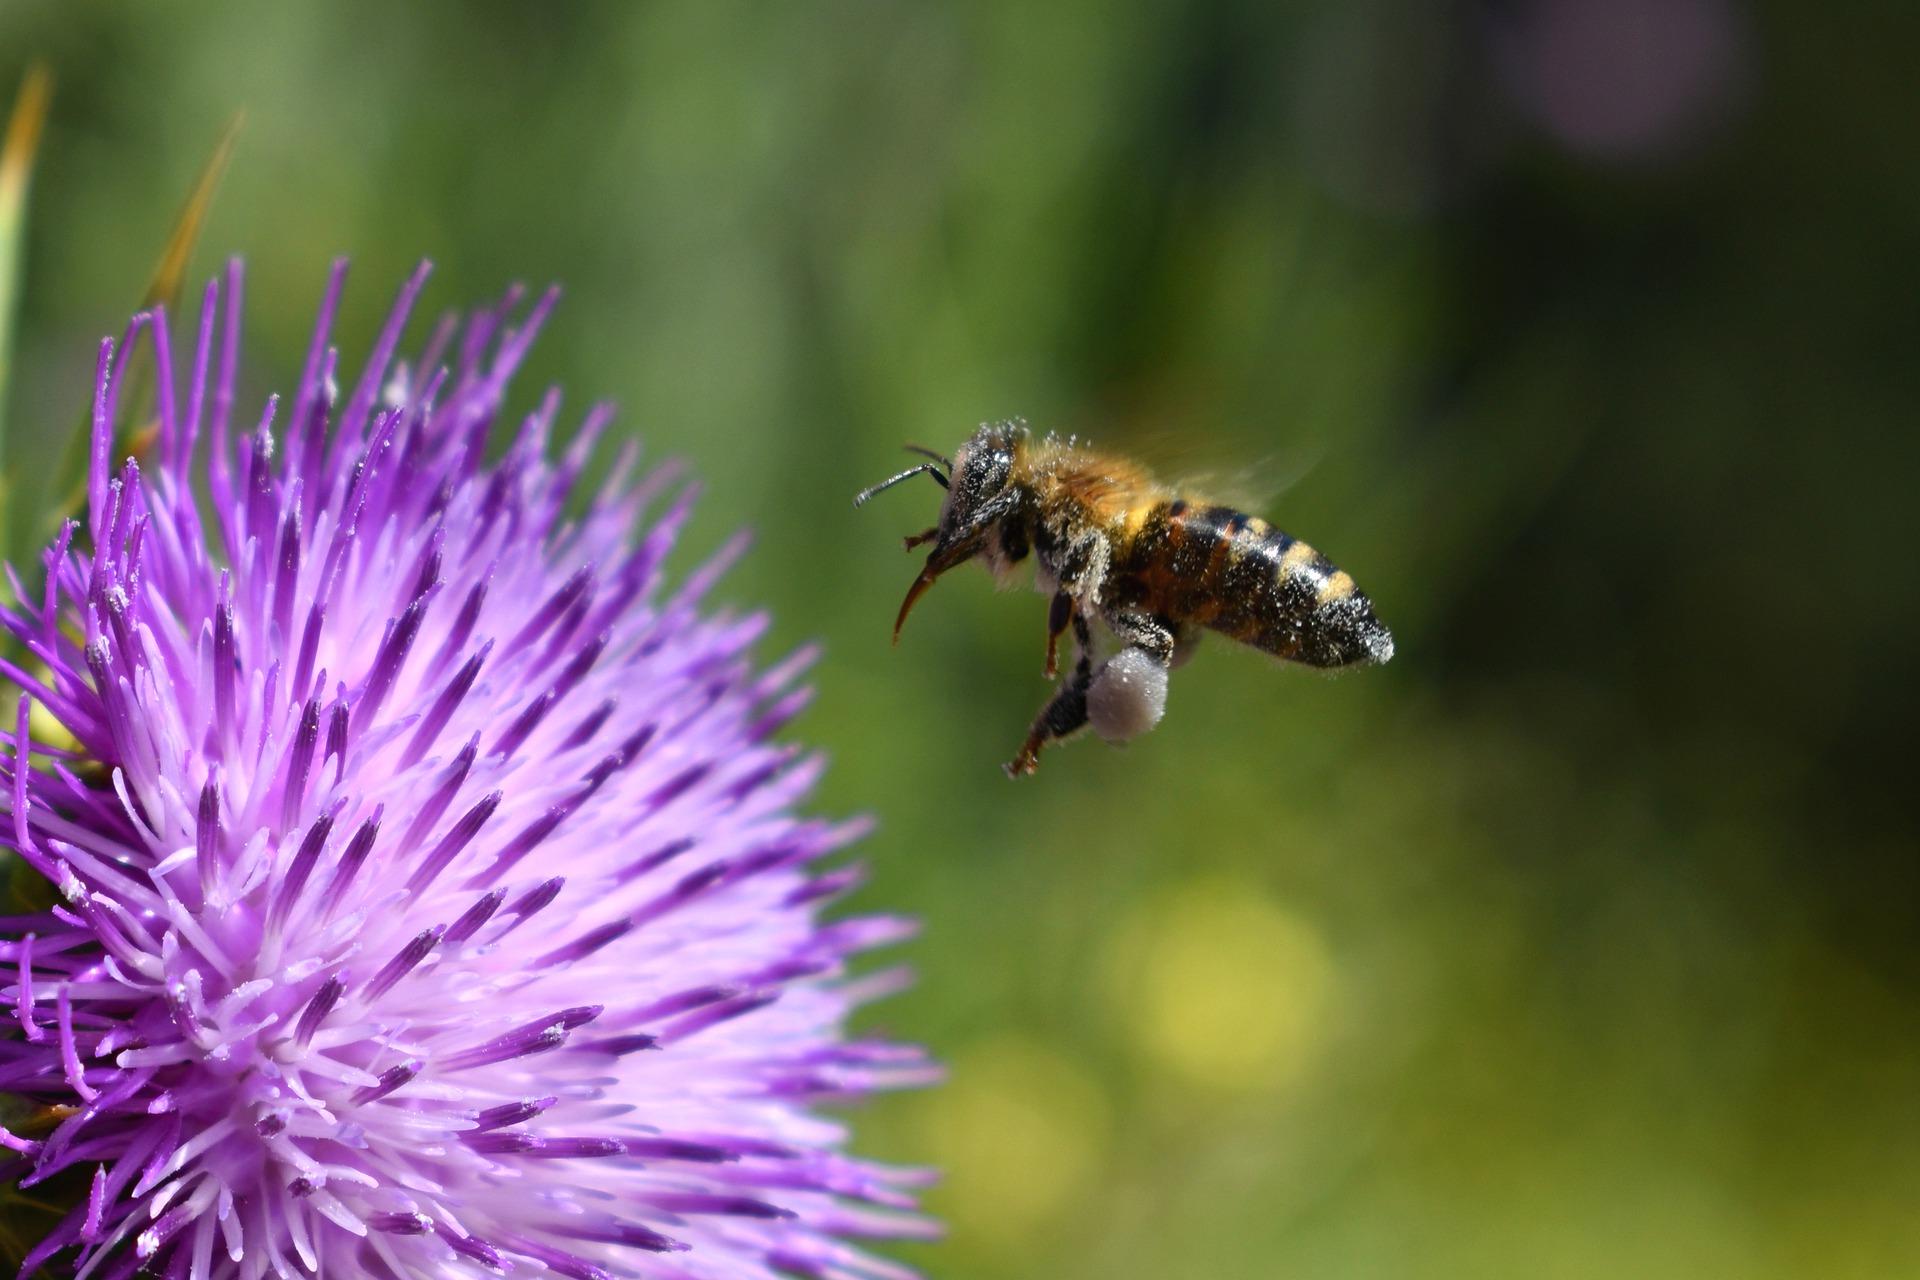 Honig schleudern: Die Frühjahrstracht ist eingebracht